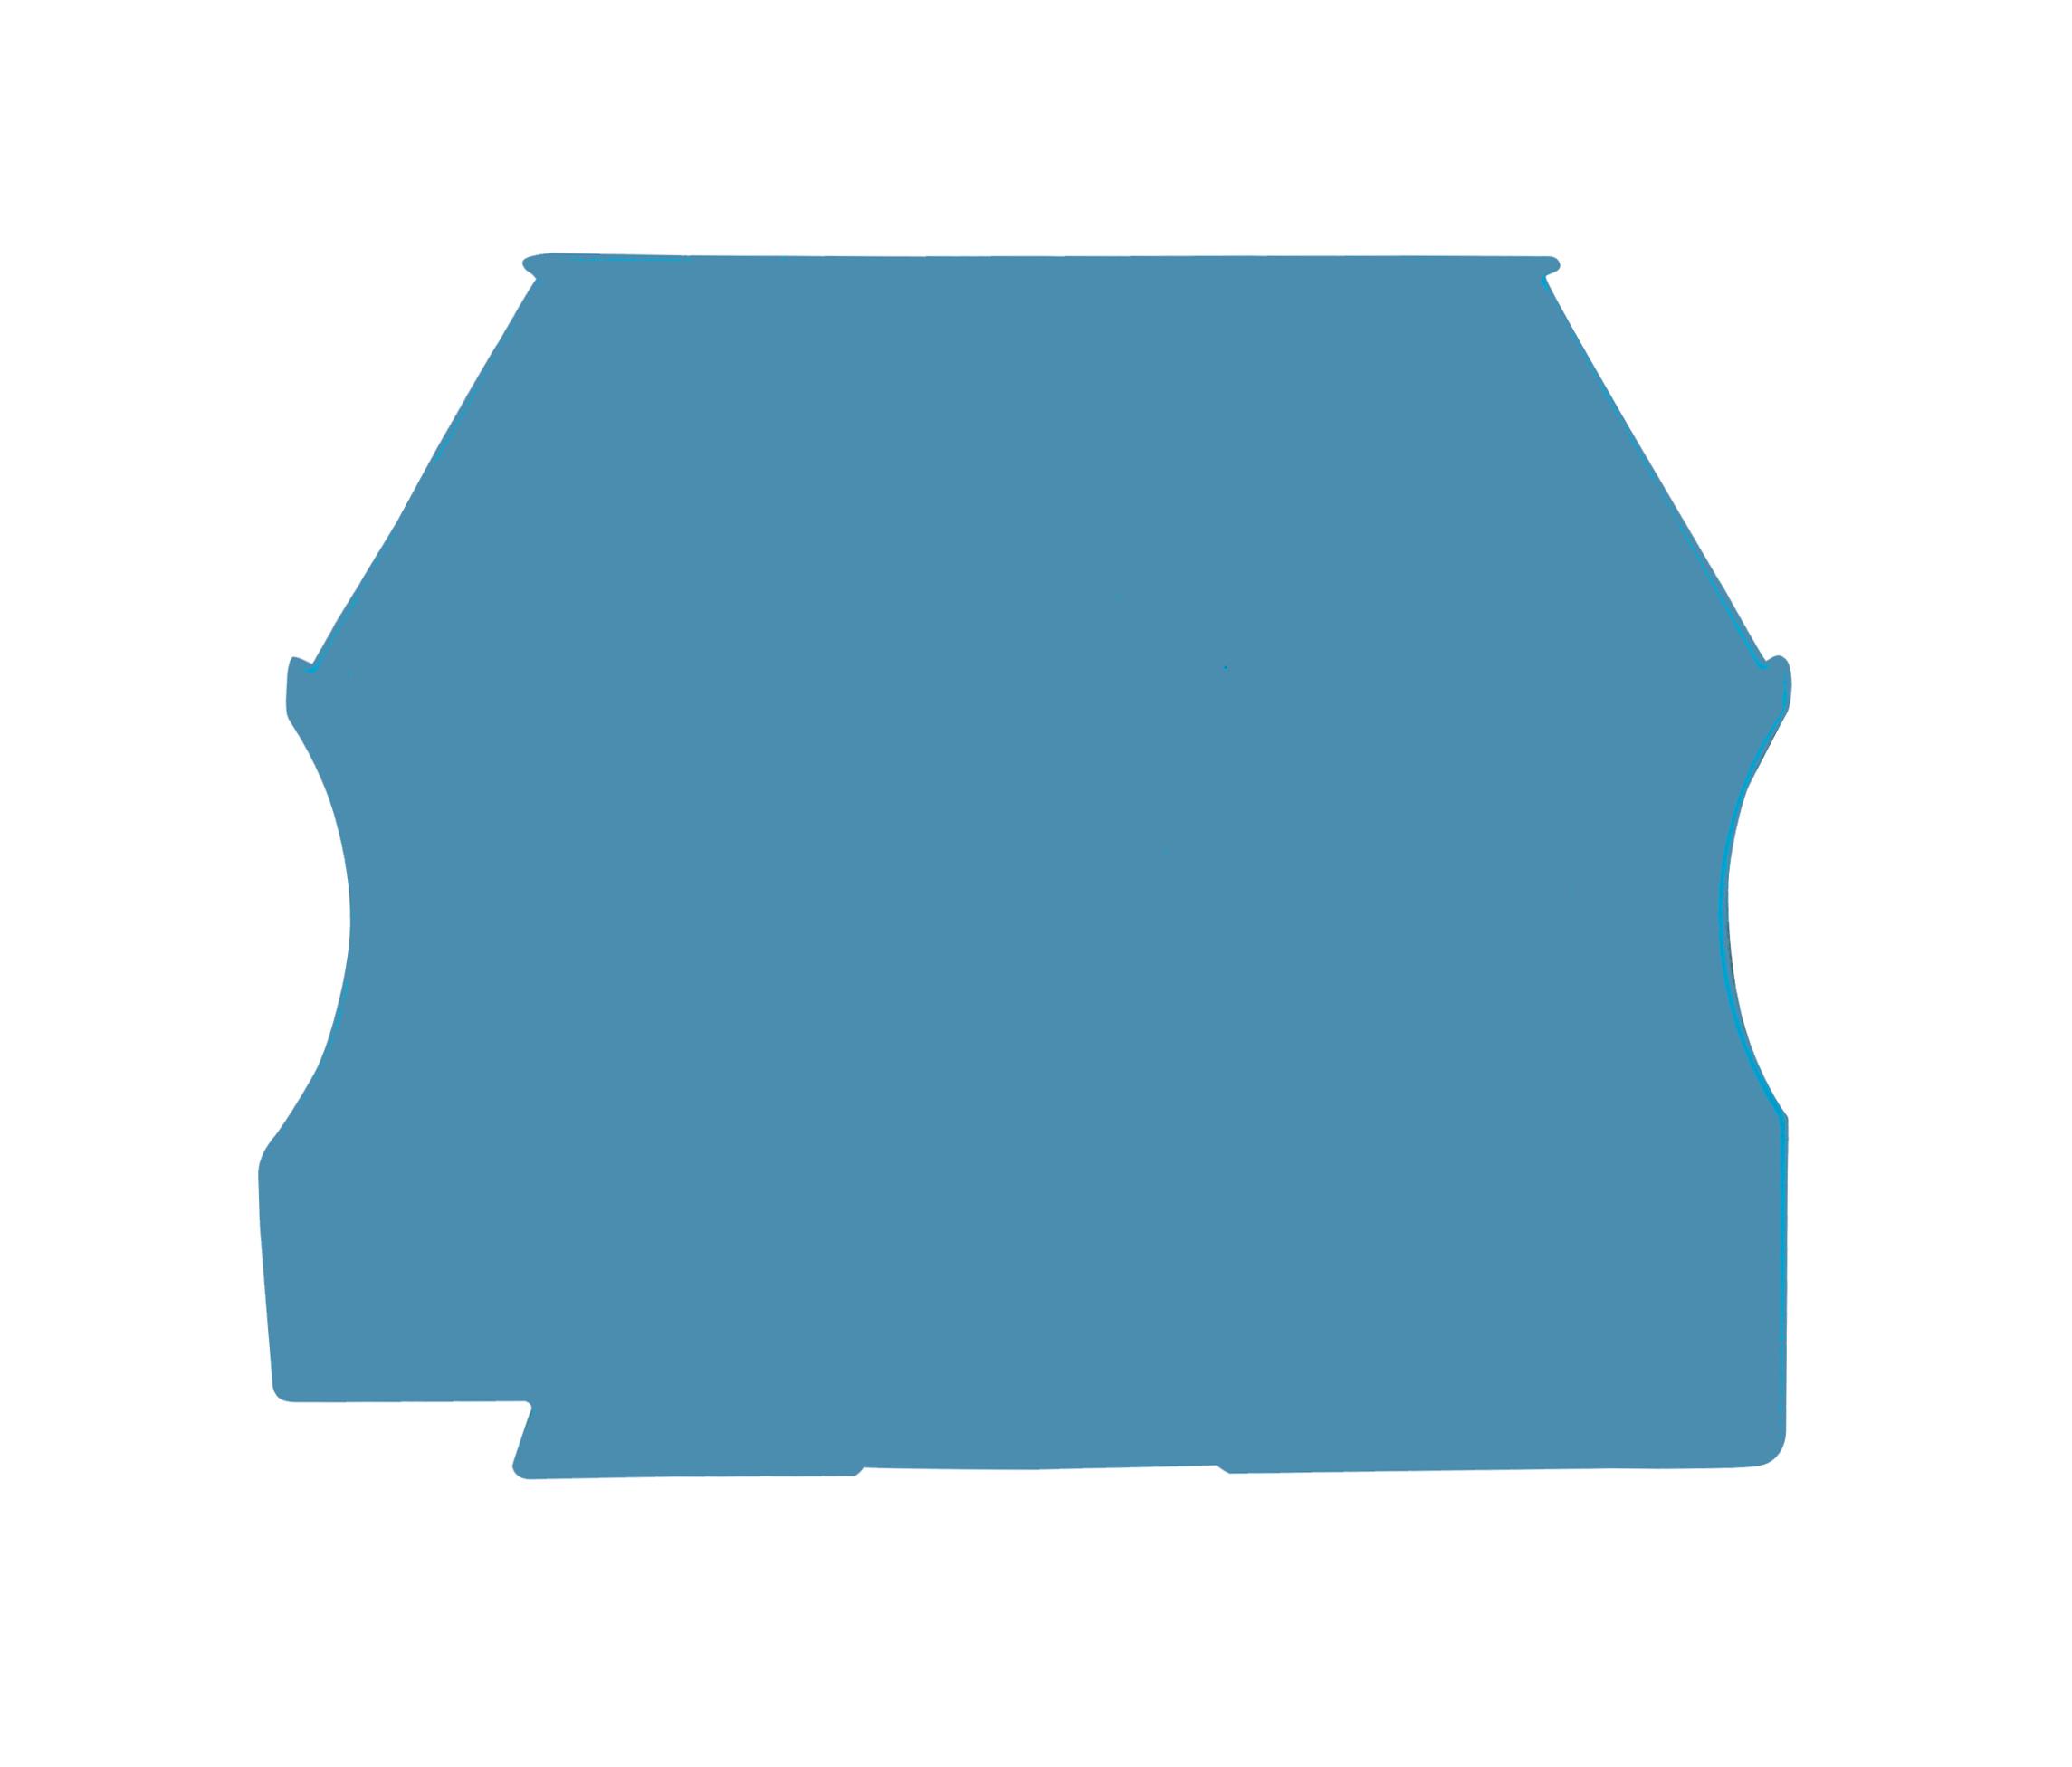 1 Stk Endplatte für 2,5-10mm² Klemmen, Type AVK 2,5, 4, 6, 10,blau IK601210--